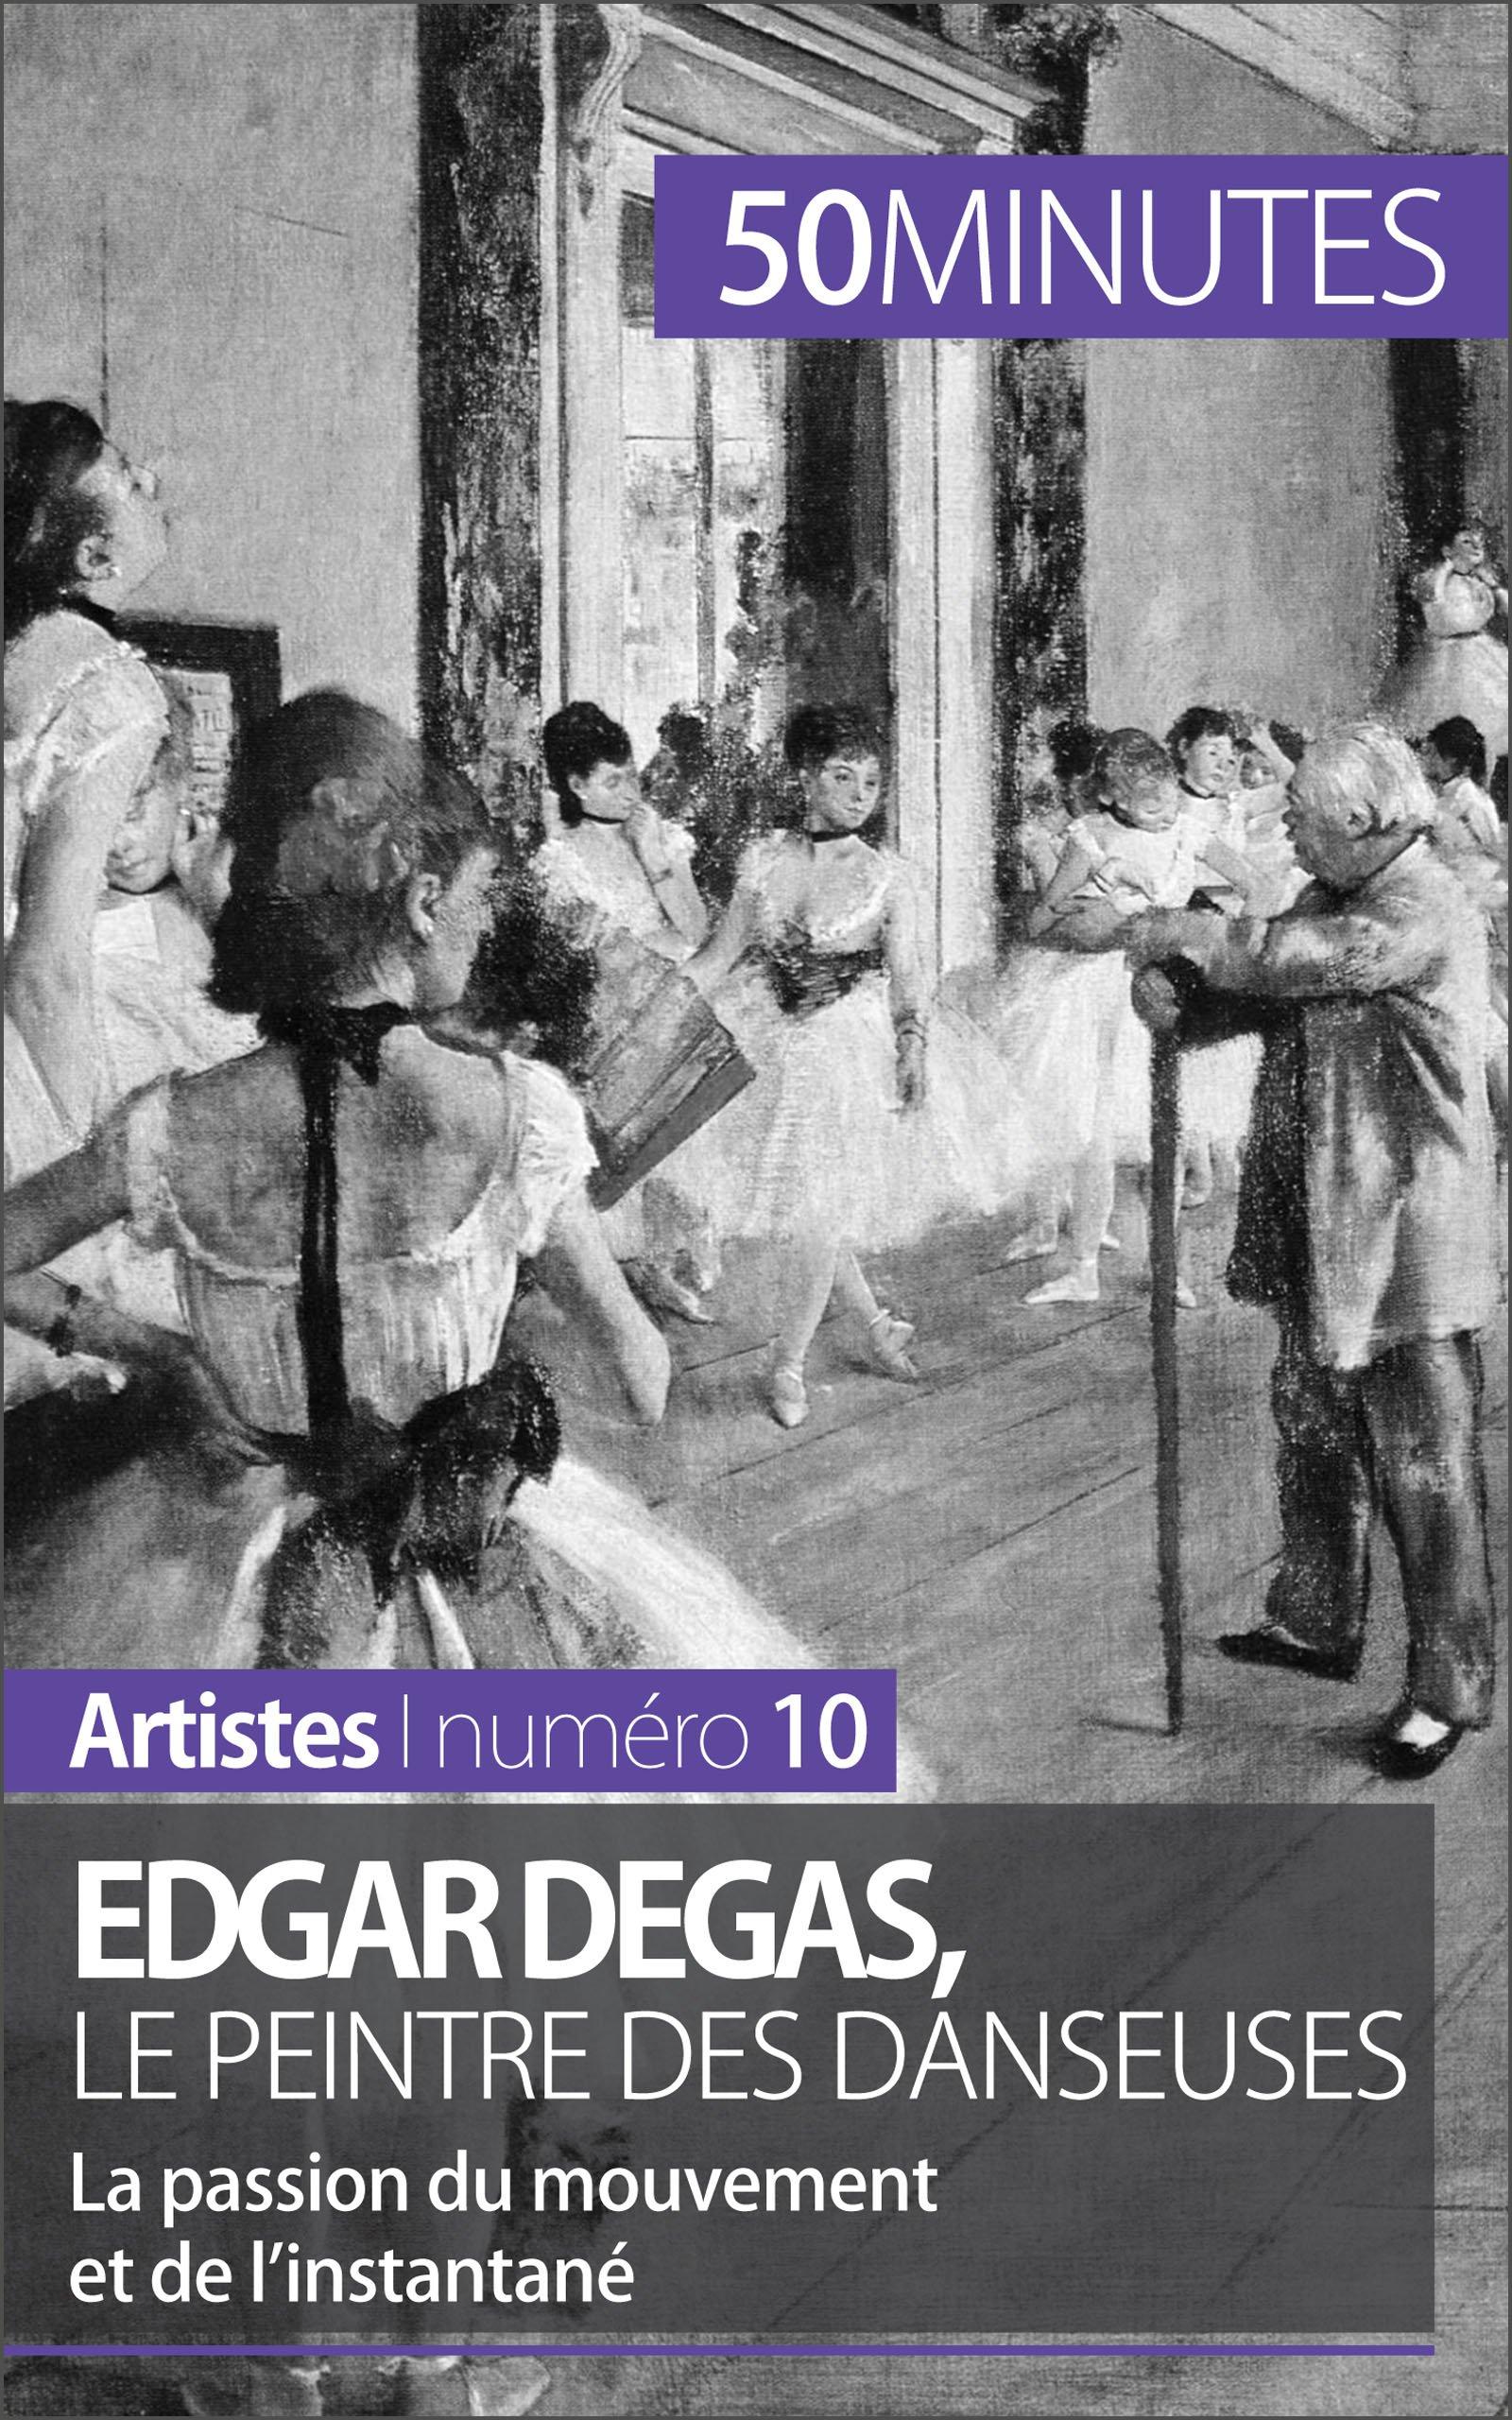 Edgar Degas, le peintre des danseuses: La passion du mouvement et de l'instantané (Artistes t. 10) por Marie-Julie Malache